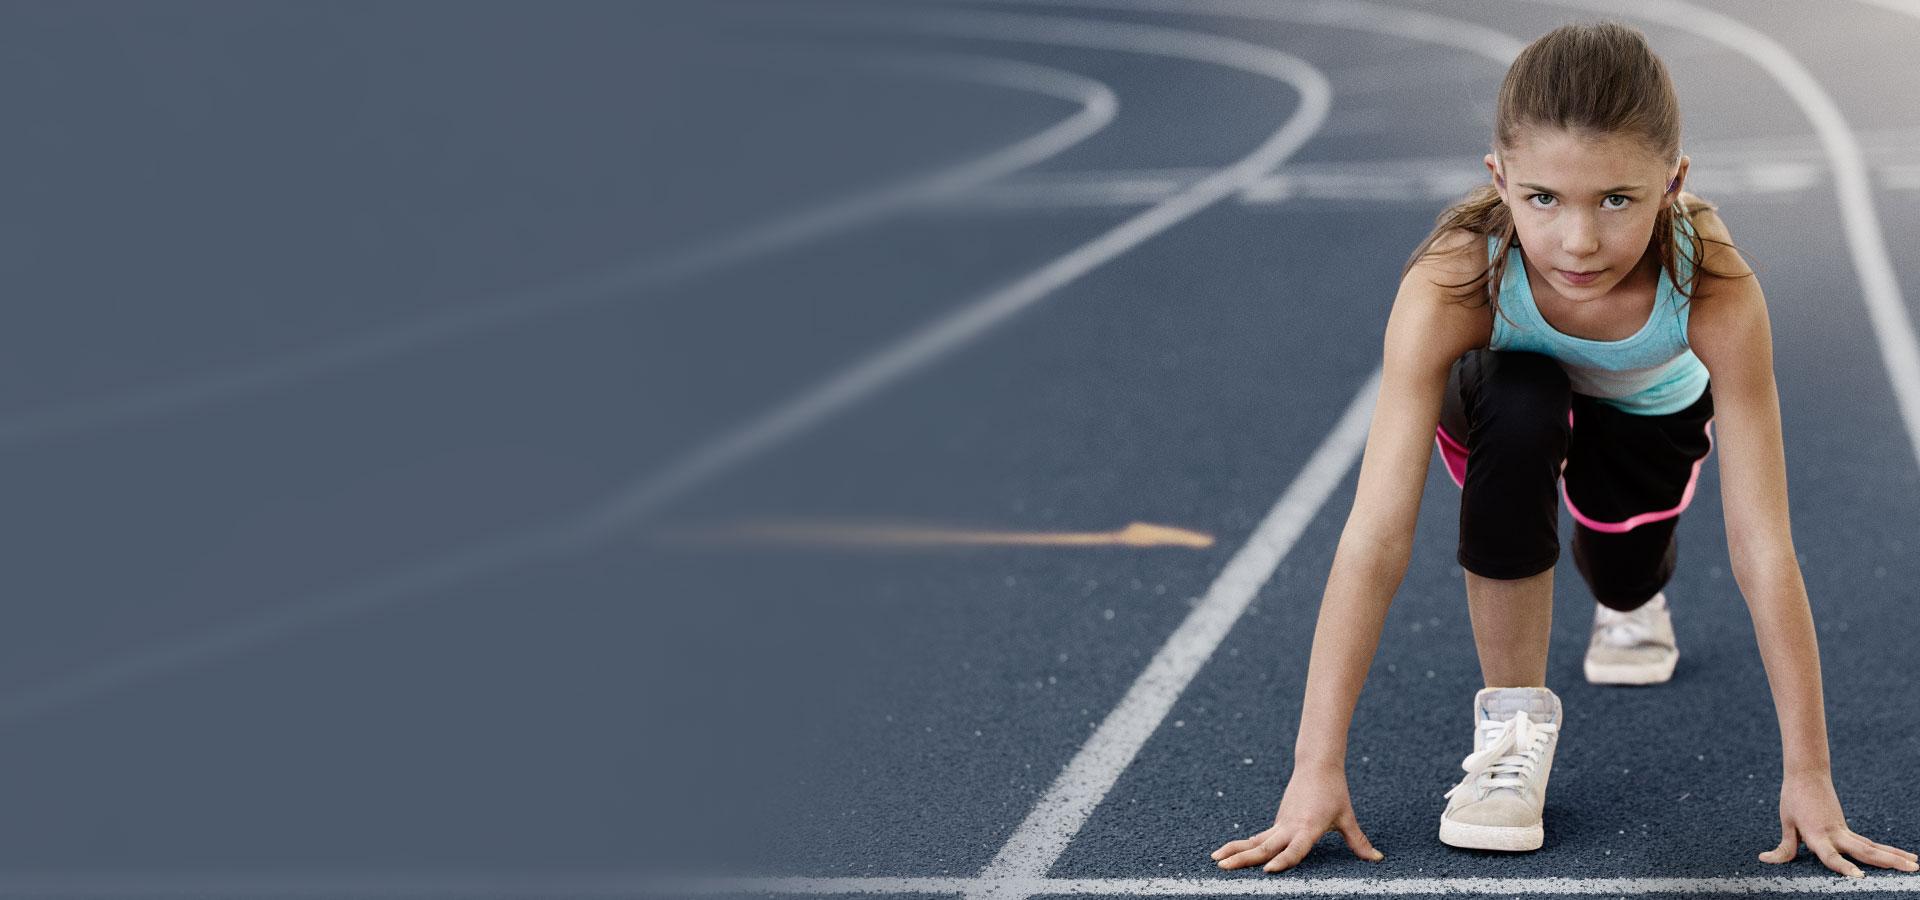 jeune petite fille au départ d'une course à pied